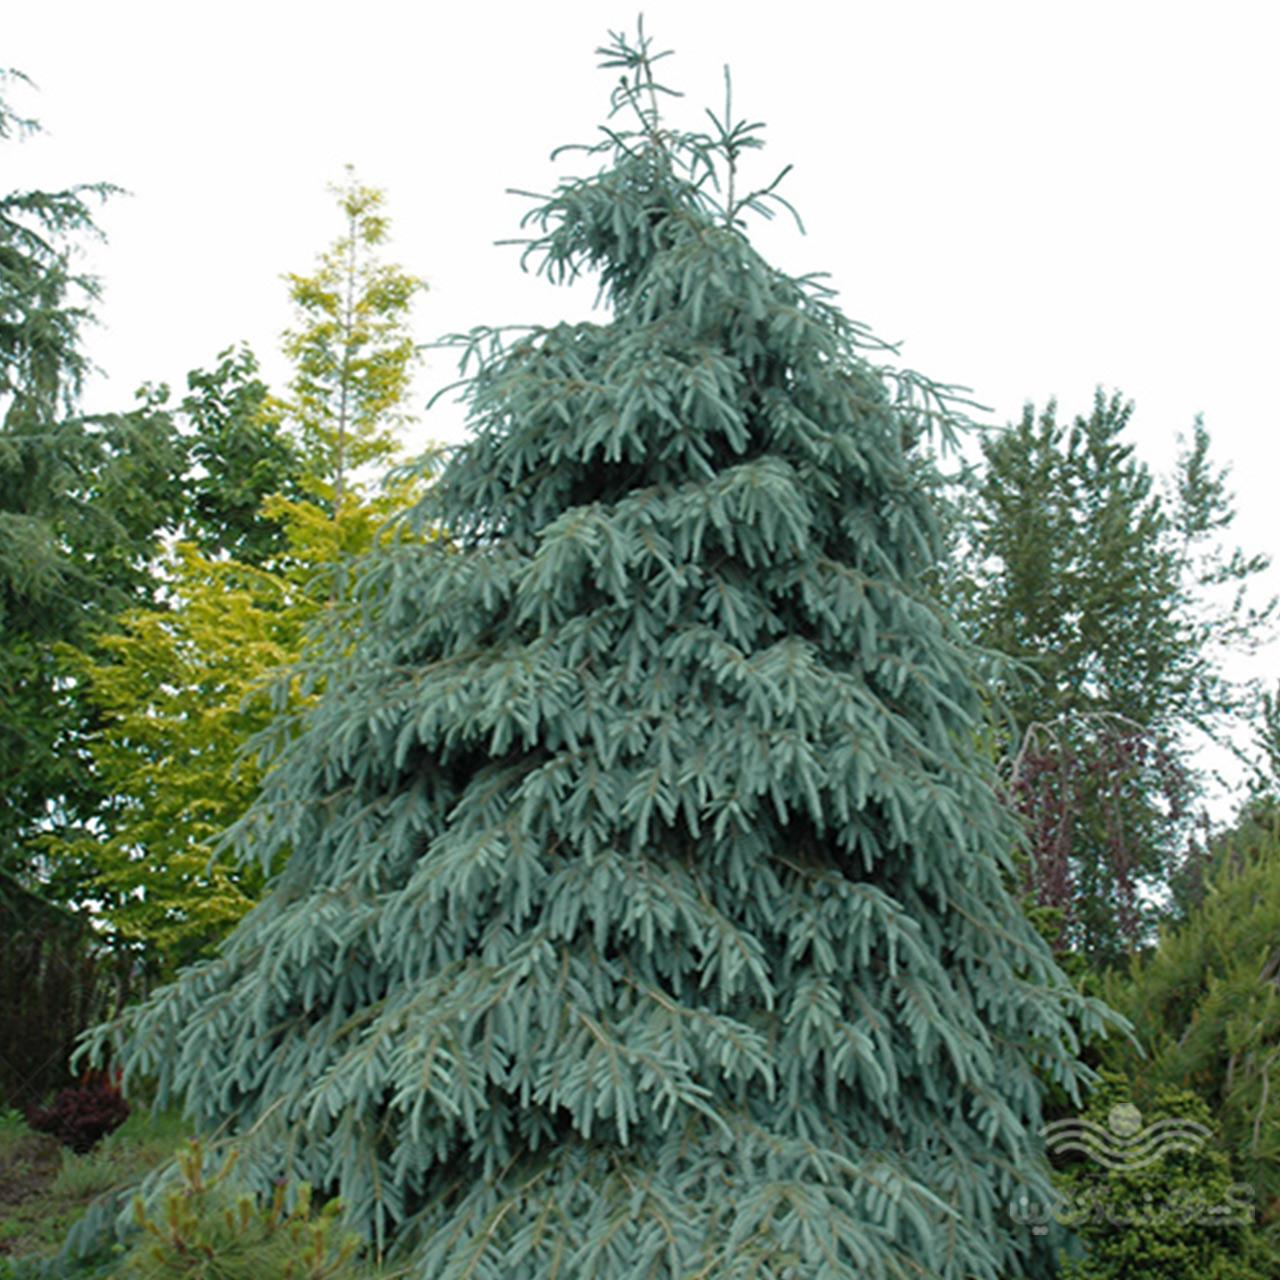 بذر کاج کریسمس نوئل سبز آبی